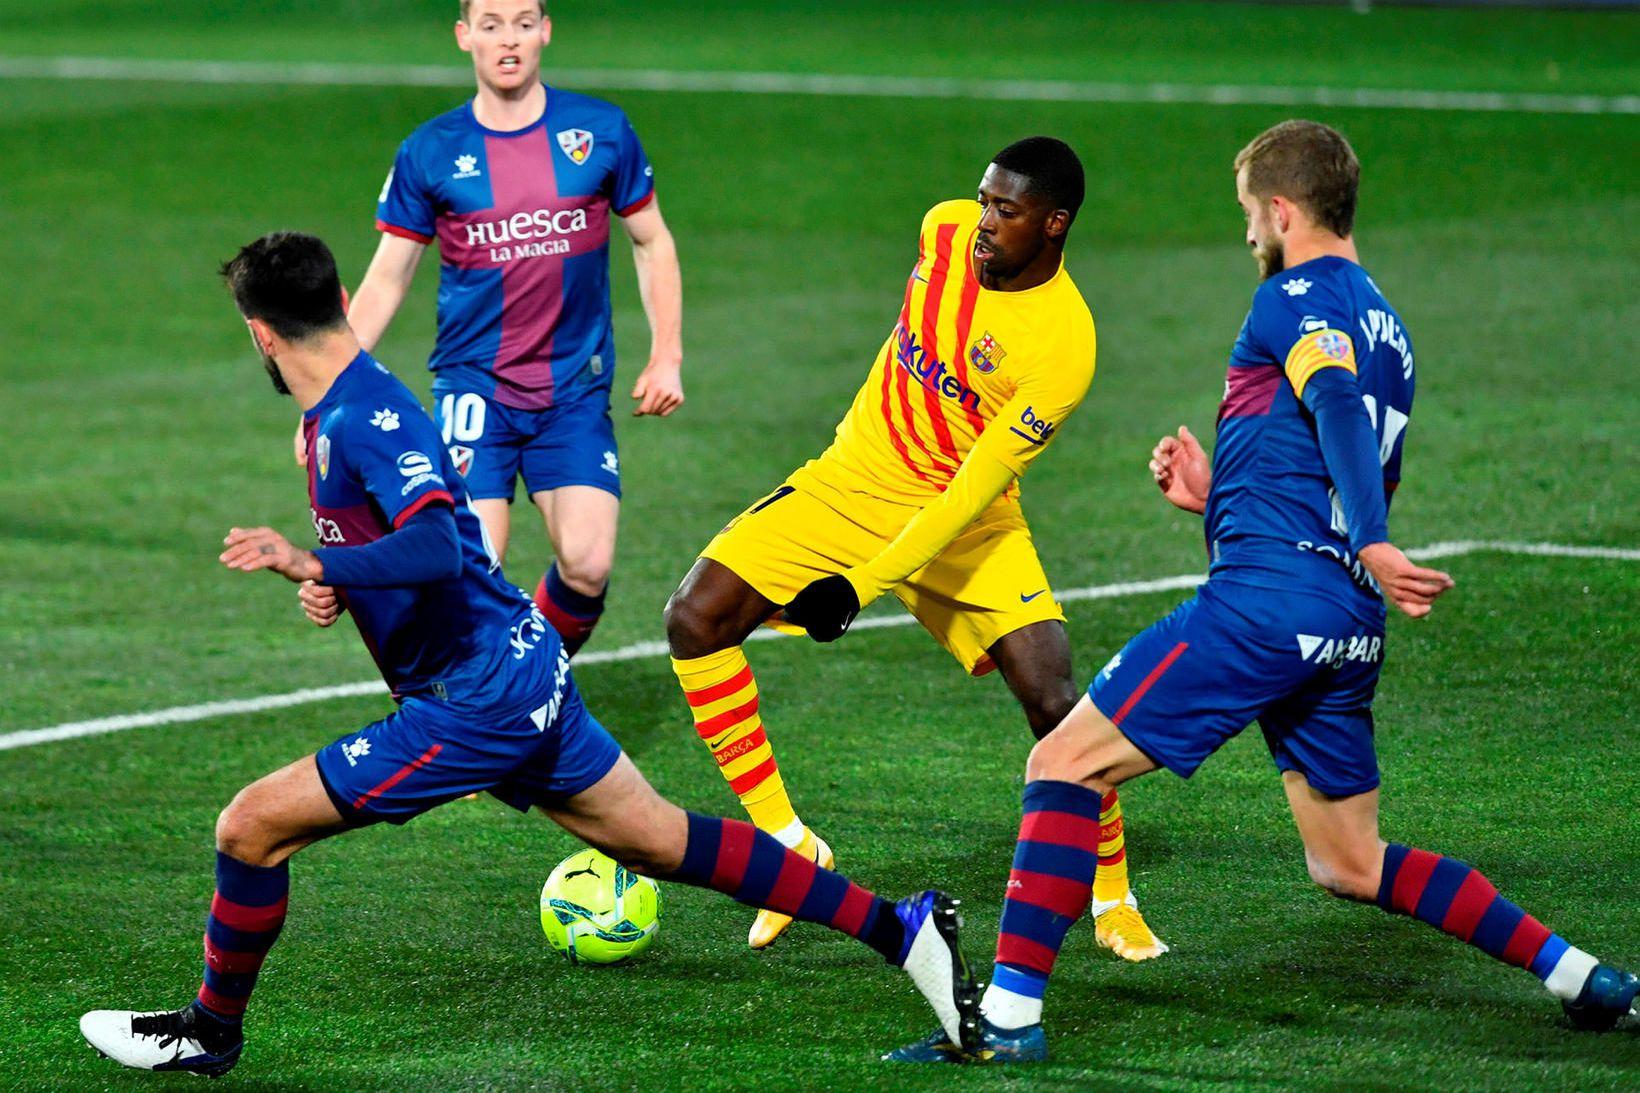 Leikmenn Huesca umkringja Ousmane Dembélé, leikmann Barcelona, í leik liðanna …